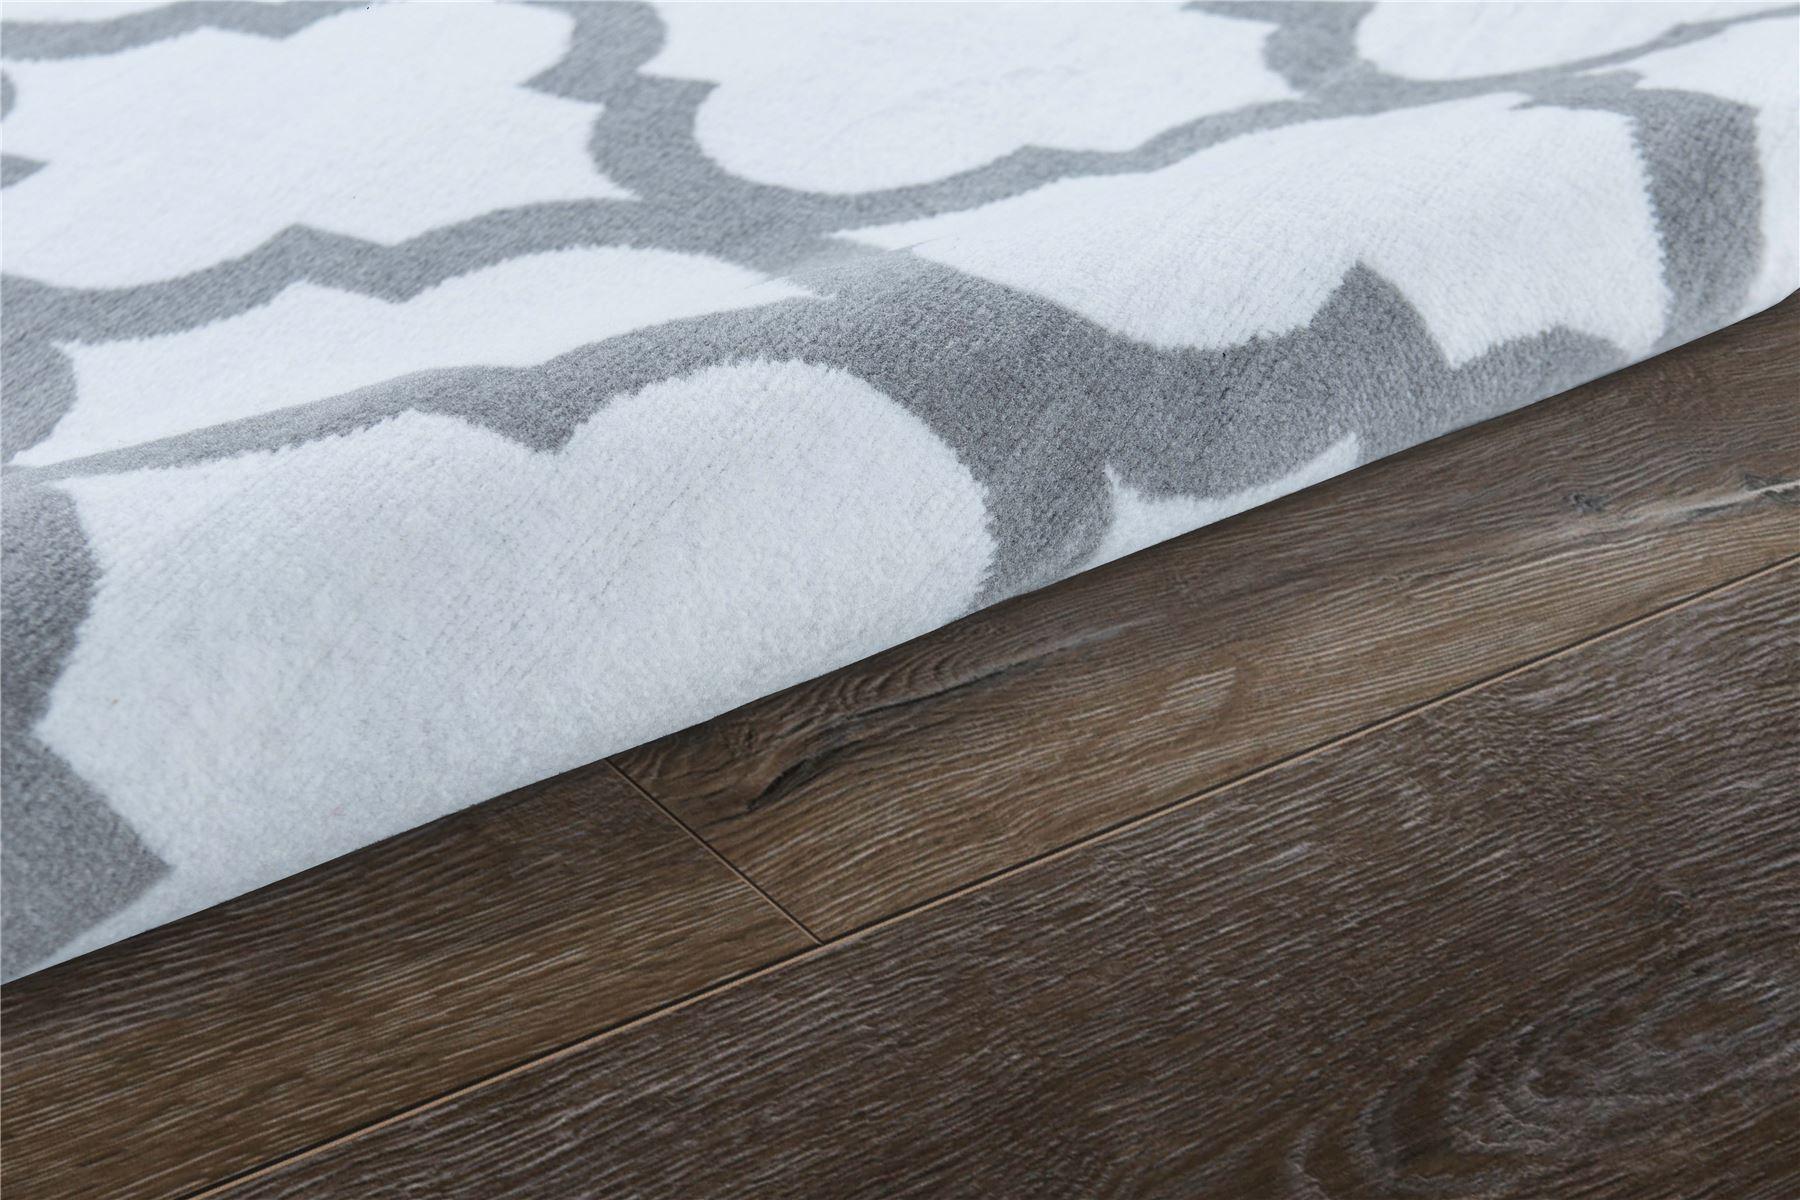 Nero-Rosso-Argento-Bianco-Viola-Moderno-Area-Tappeto-Traliccio-DESIGN-CUCINA-outdoorrug miniatura 32